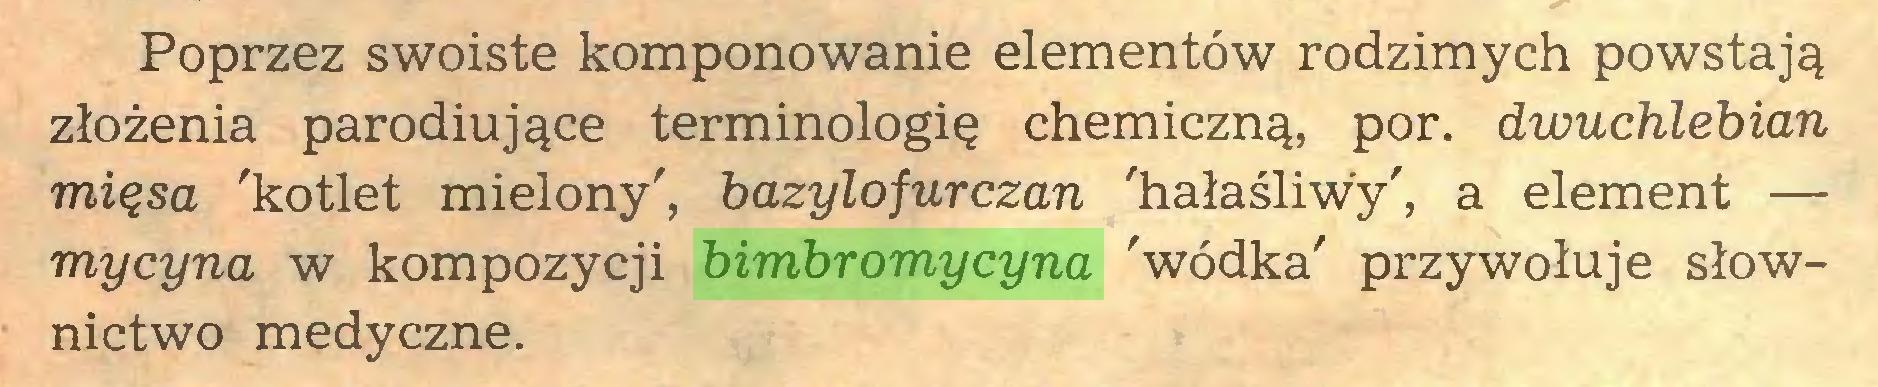 (...) Poprzez swoiste komponowanie elementów rodzimych powstają złożenia parodiujące terminologię chemiczną, por. dwuchlebian mięsa 'kotlet mielony', bazylojurczan 'hałaśliwy', a element — my cyna w kompozycji bimbromycyna 'wódka' przywołuje słownictwo medyczne...